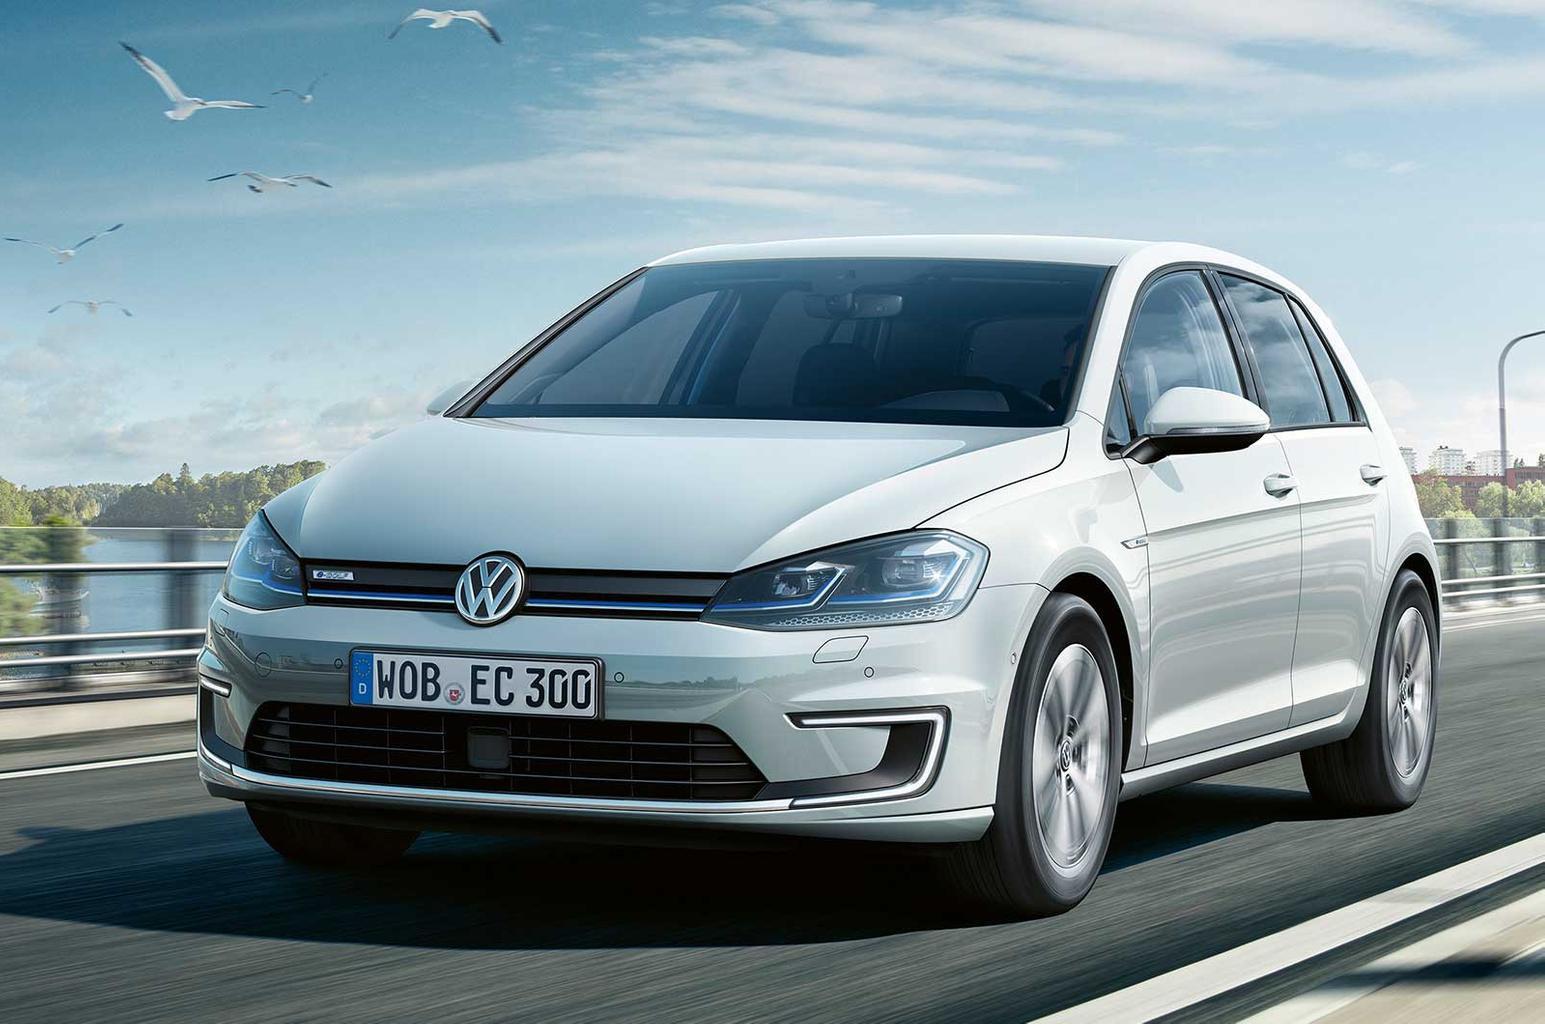 Facelifted Volkswagen e-Golf gets more range